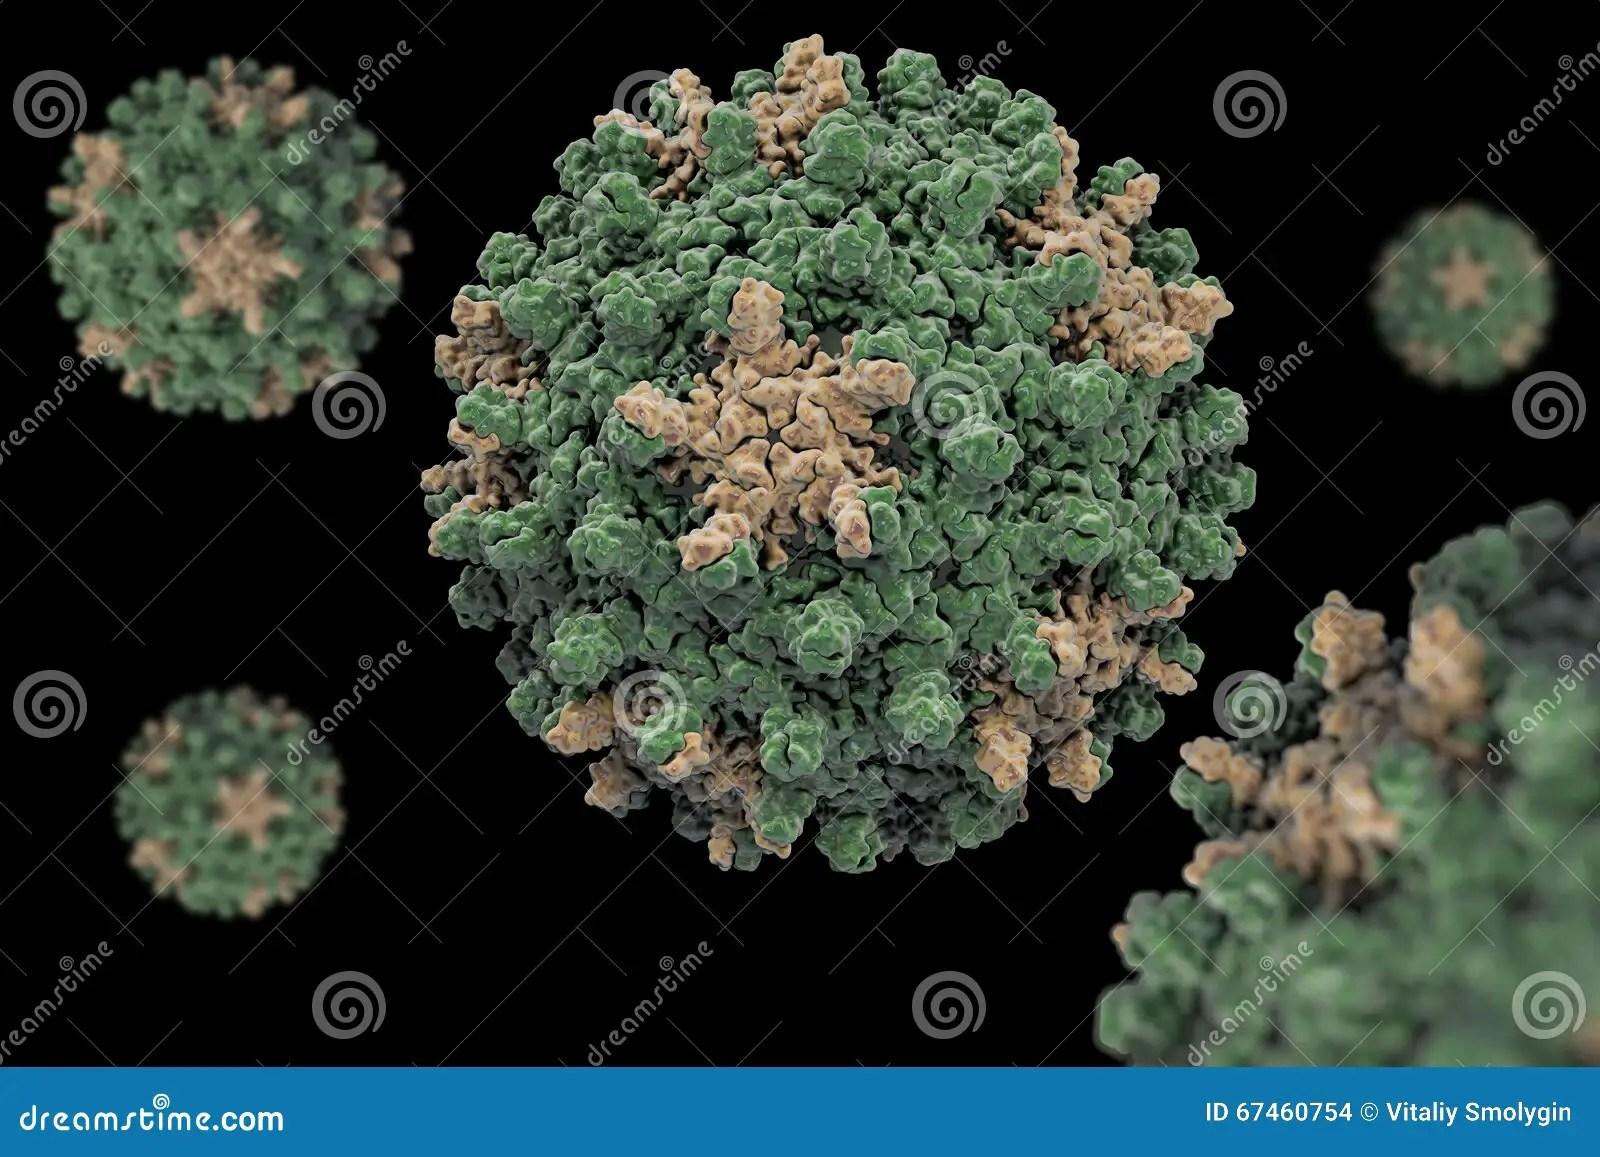 Digital Illustration Cell Hepatitis B Virus Stock